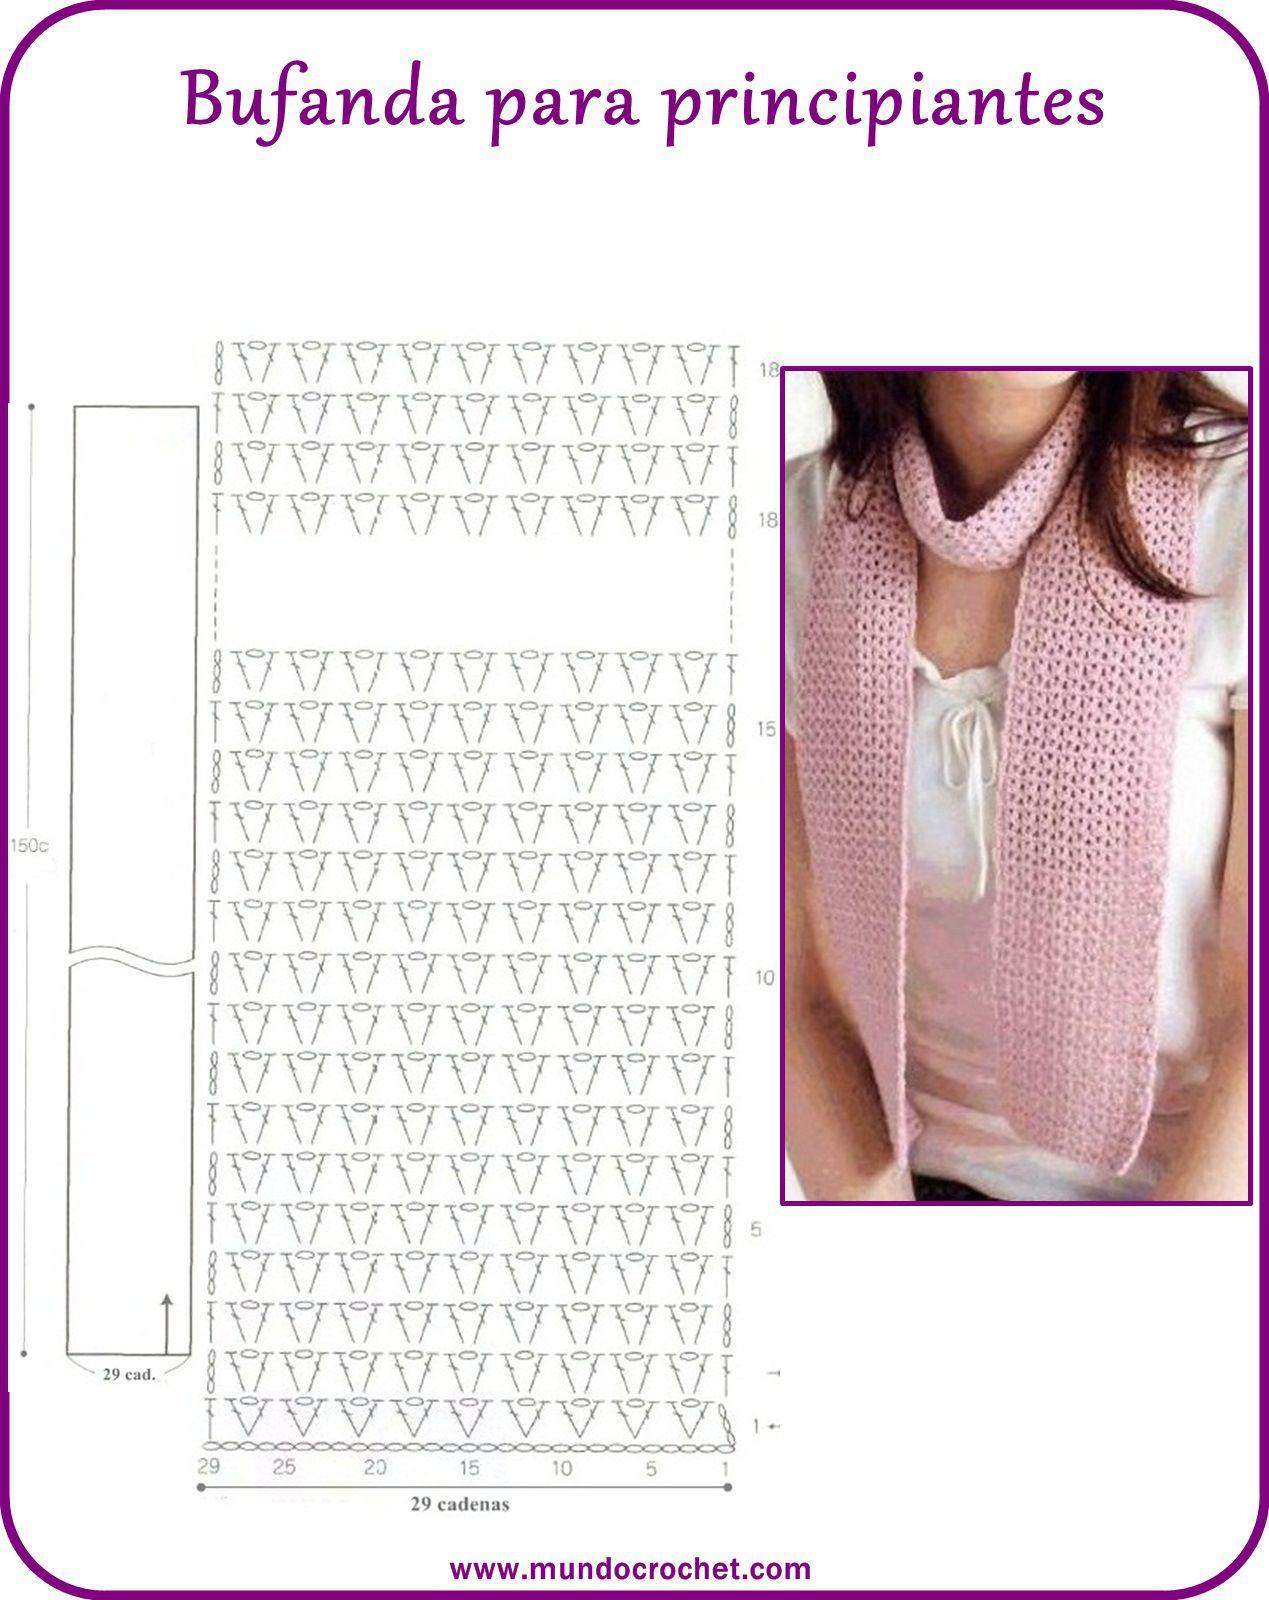 Bufanda crochet fácil, Bufanda crochet principiantes | Crochet ...